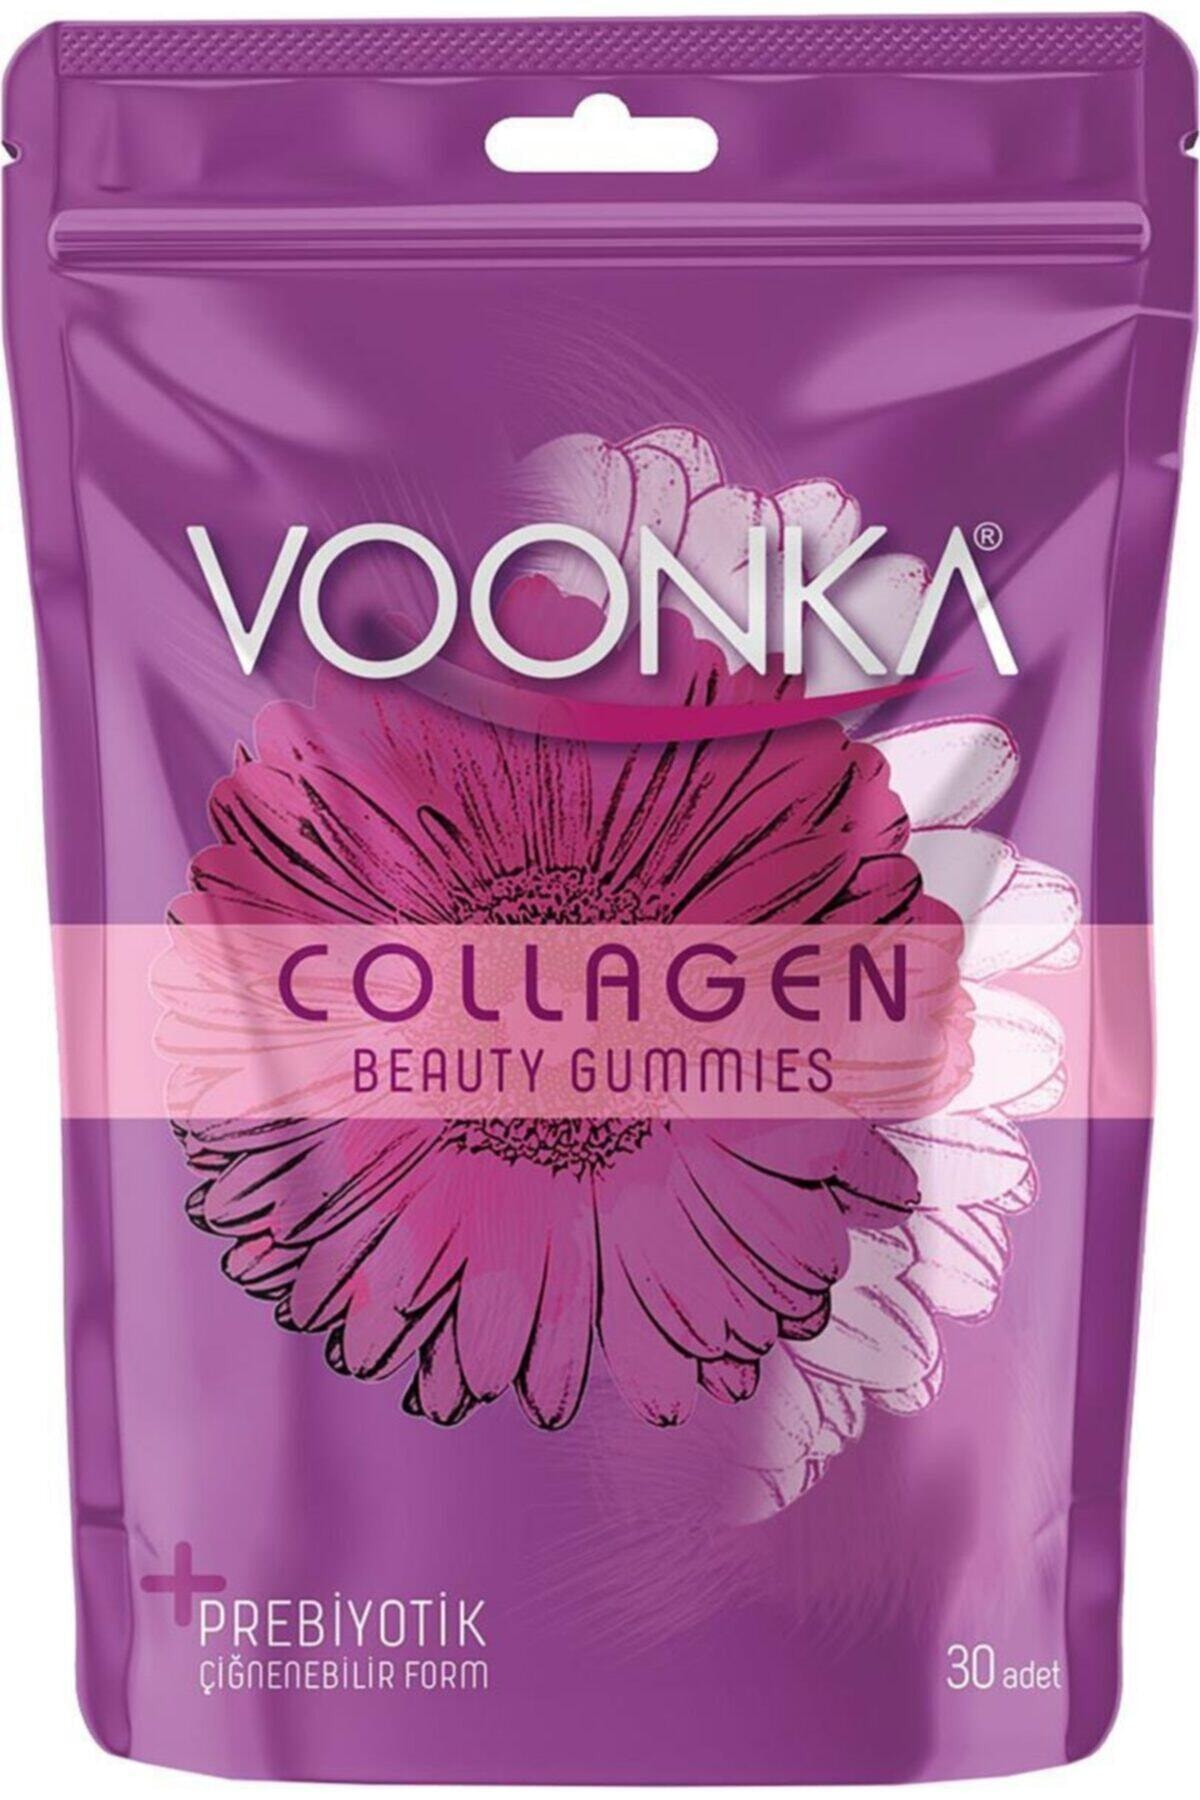 Voonka Collagen Beauty Gummies 30 Çiğnenebilir Tablet 1